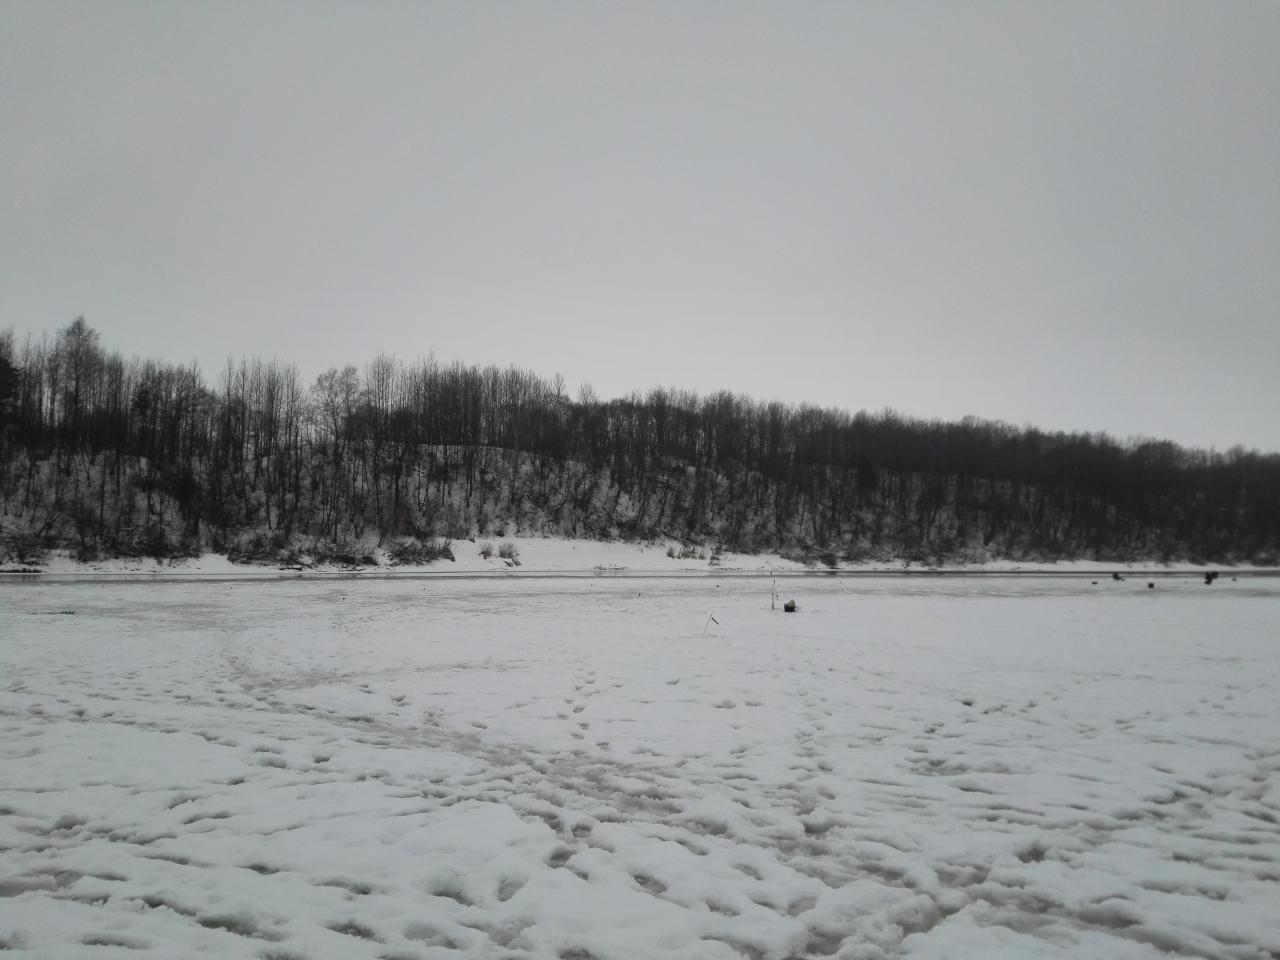 Сегодня, можно так сказать, состоялась моя дебютная рыбалка ... | Отчеты о рыбалке в Беларуси